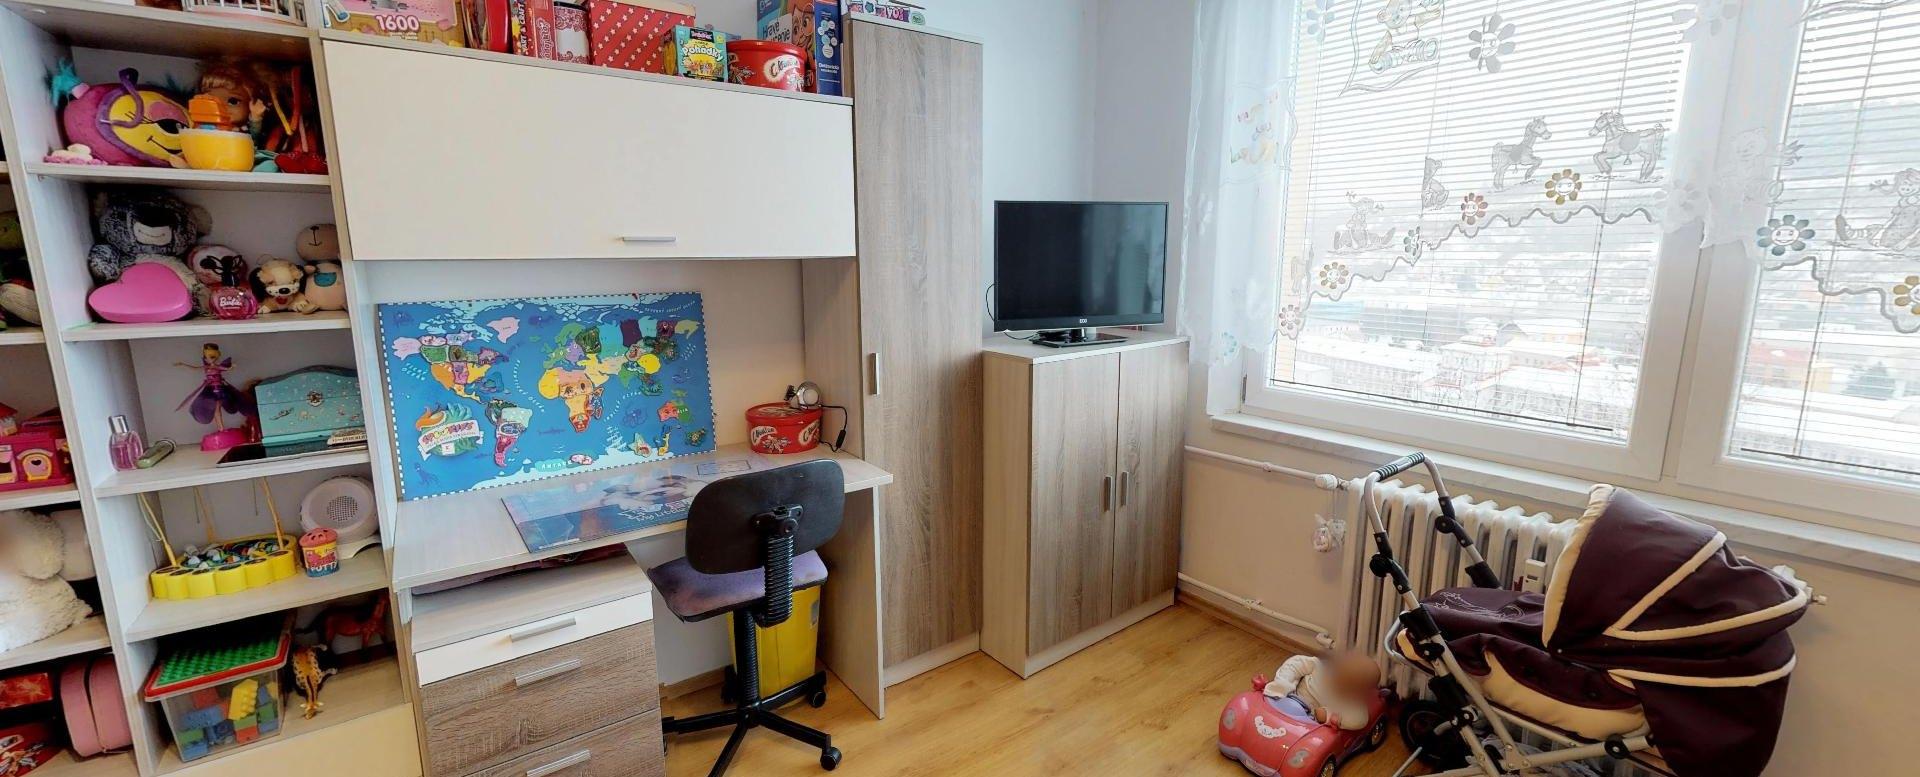 Nábytok v detskej izbe